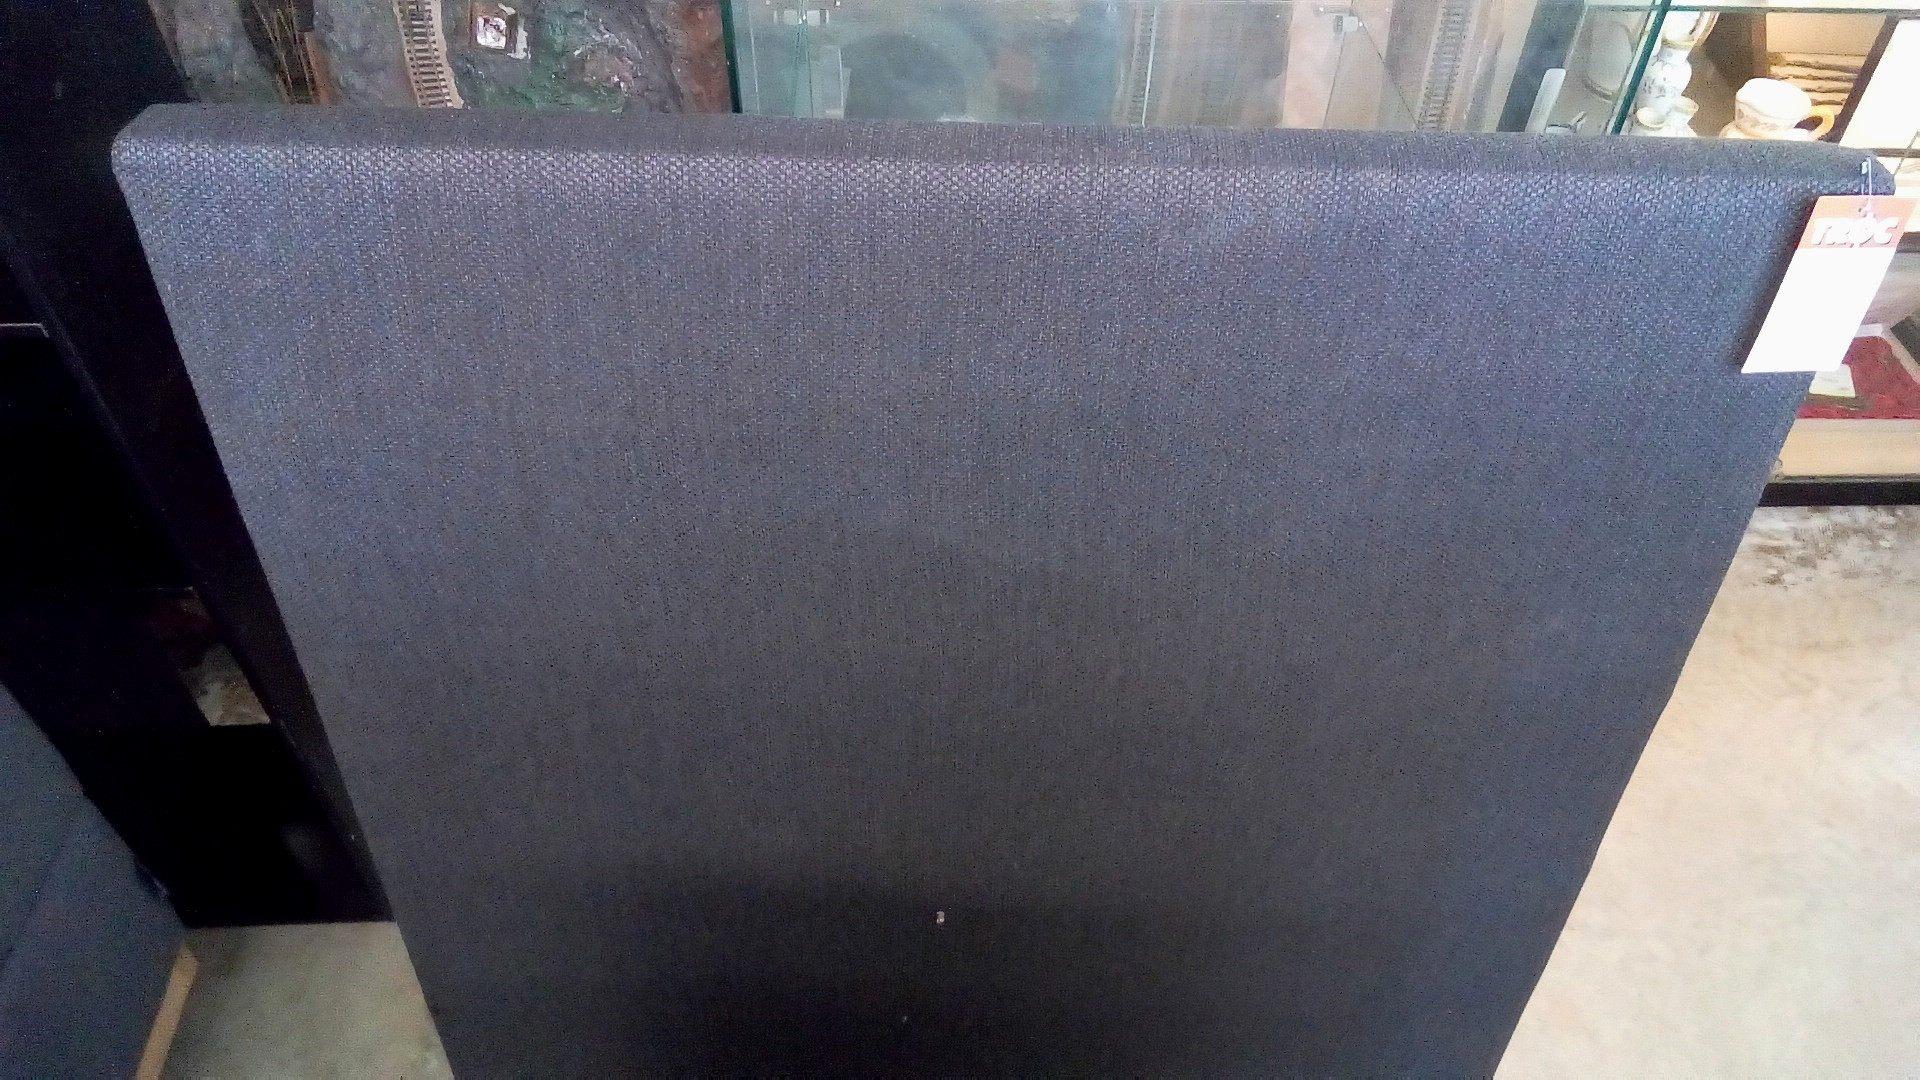 Lit Brimnes Ikea Occasion Nouveau Tete De Lit 90 Cm T Te De Lit 90cm Occasion Troc 35 Et Tete De Lit